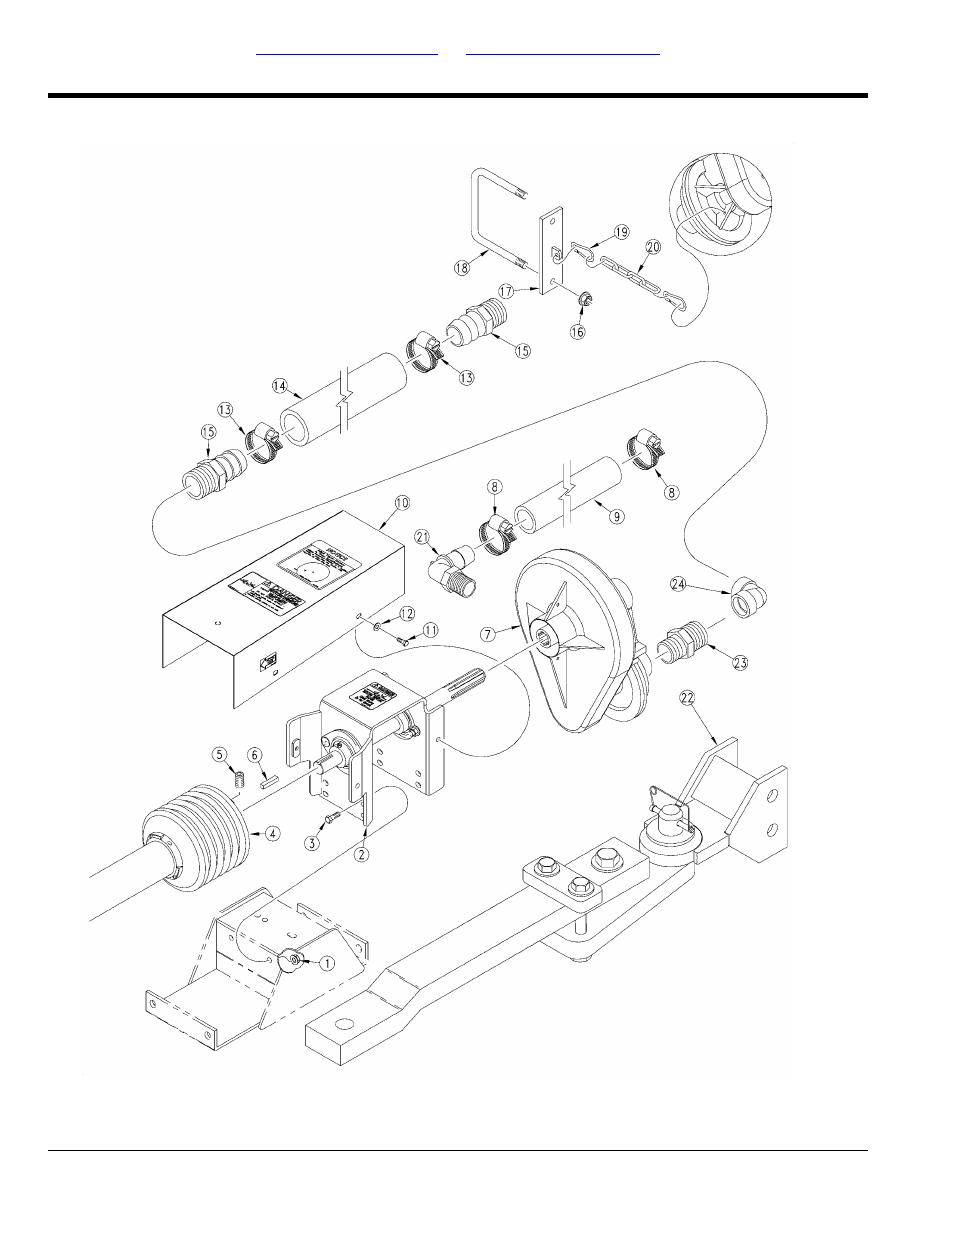 Pto Parts Diagram - Wiring Schematics